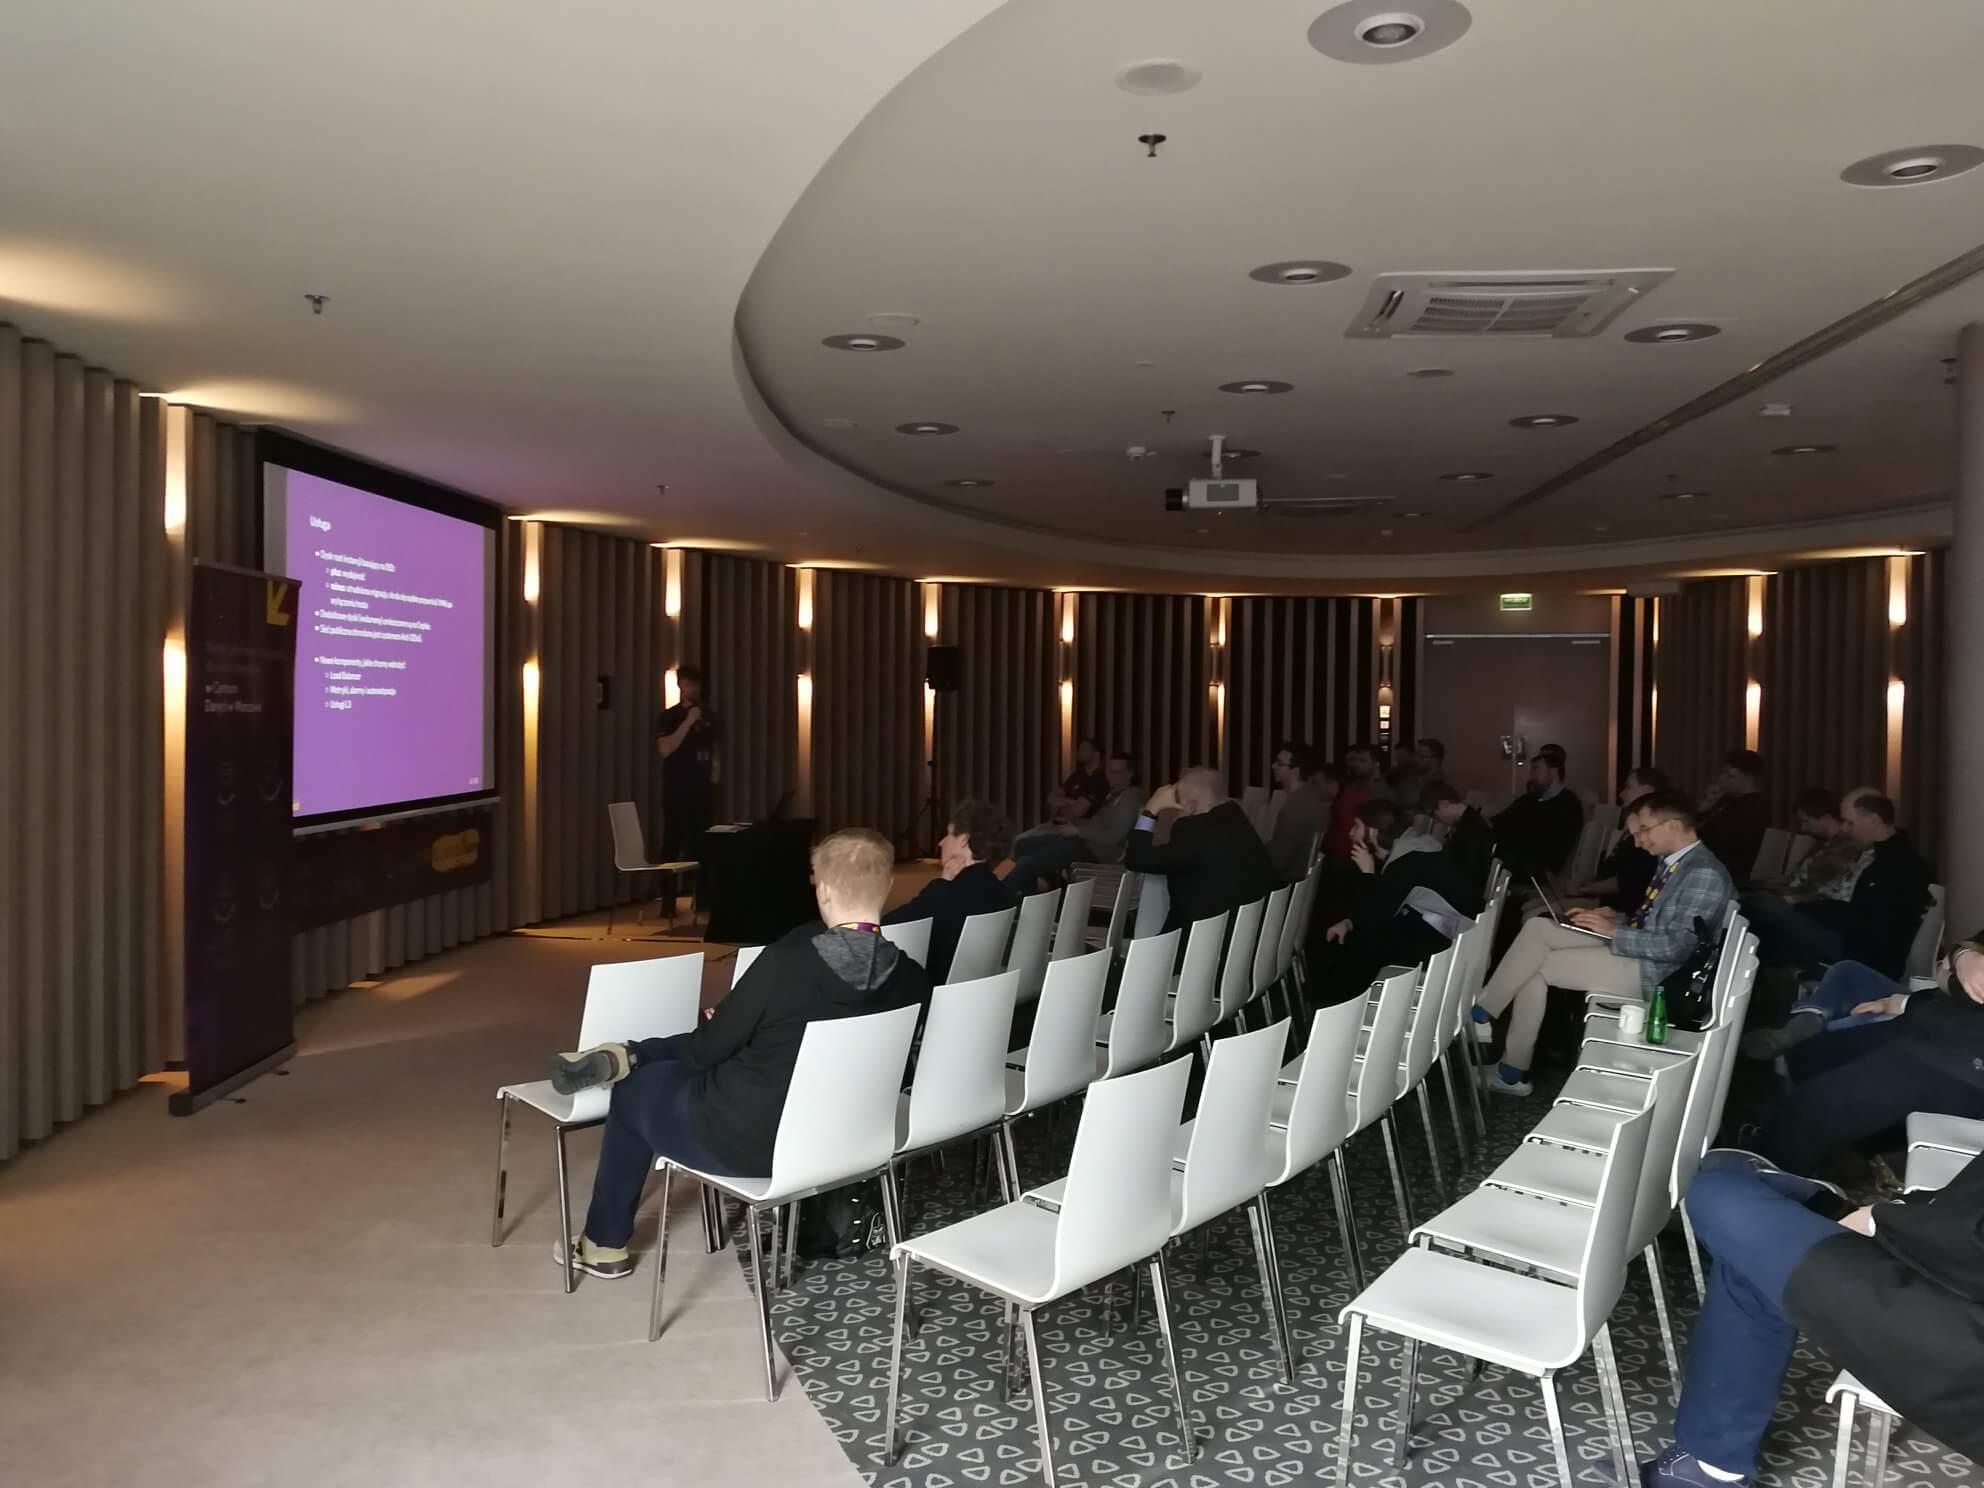 Kompleksowa obsługa konferencji branży IT